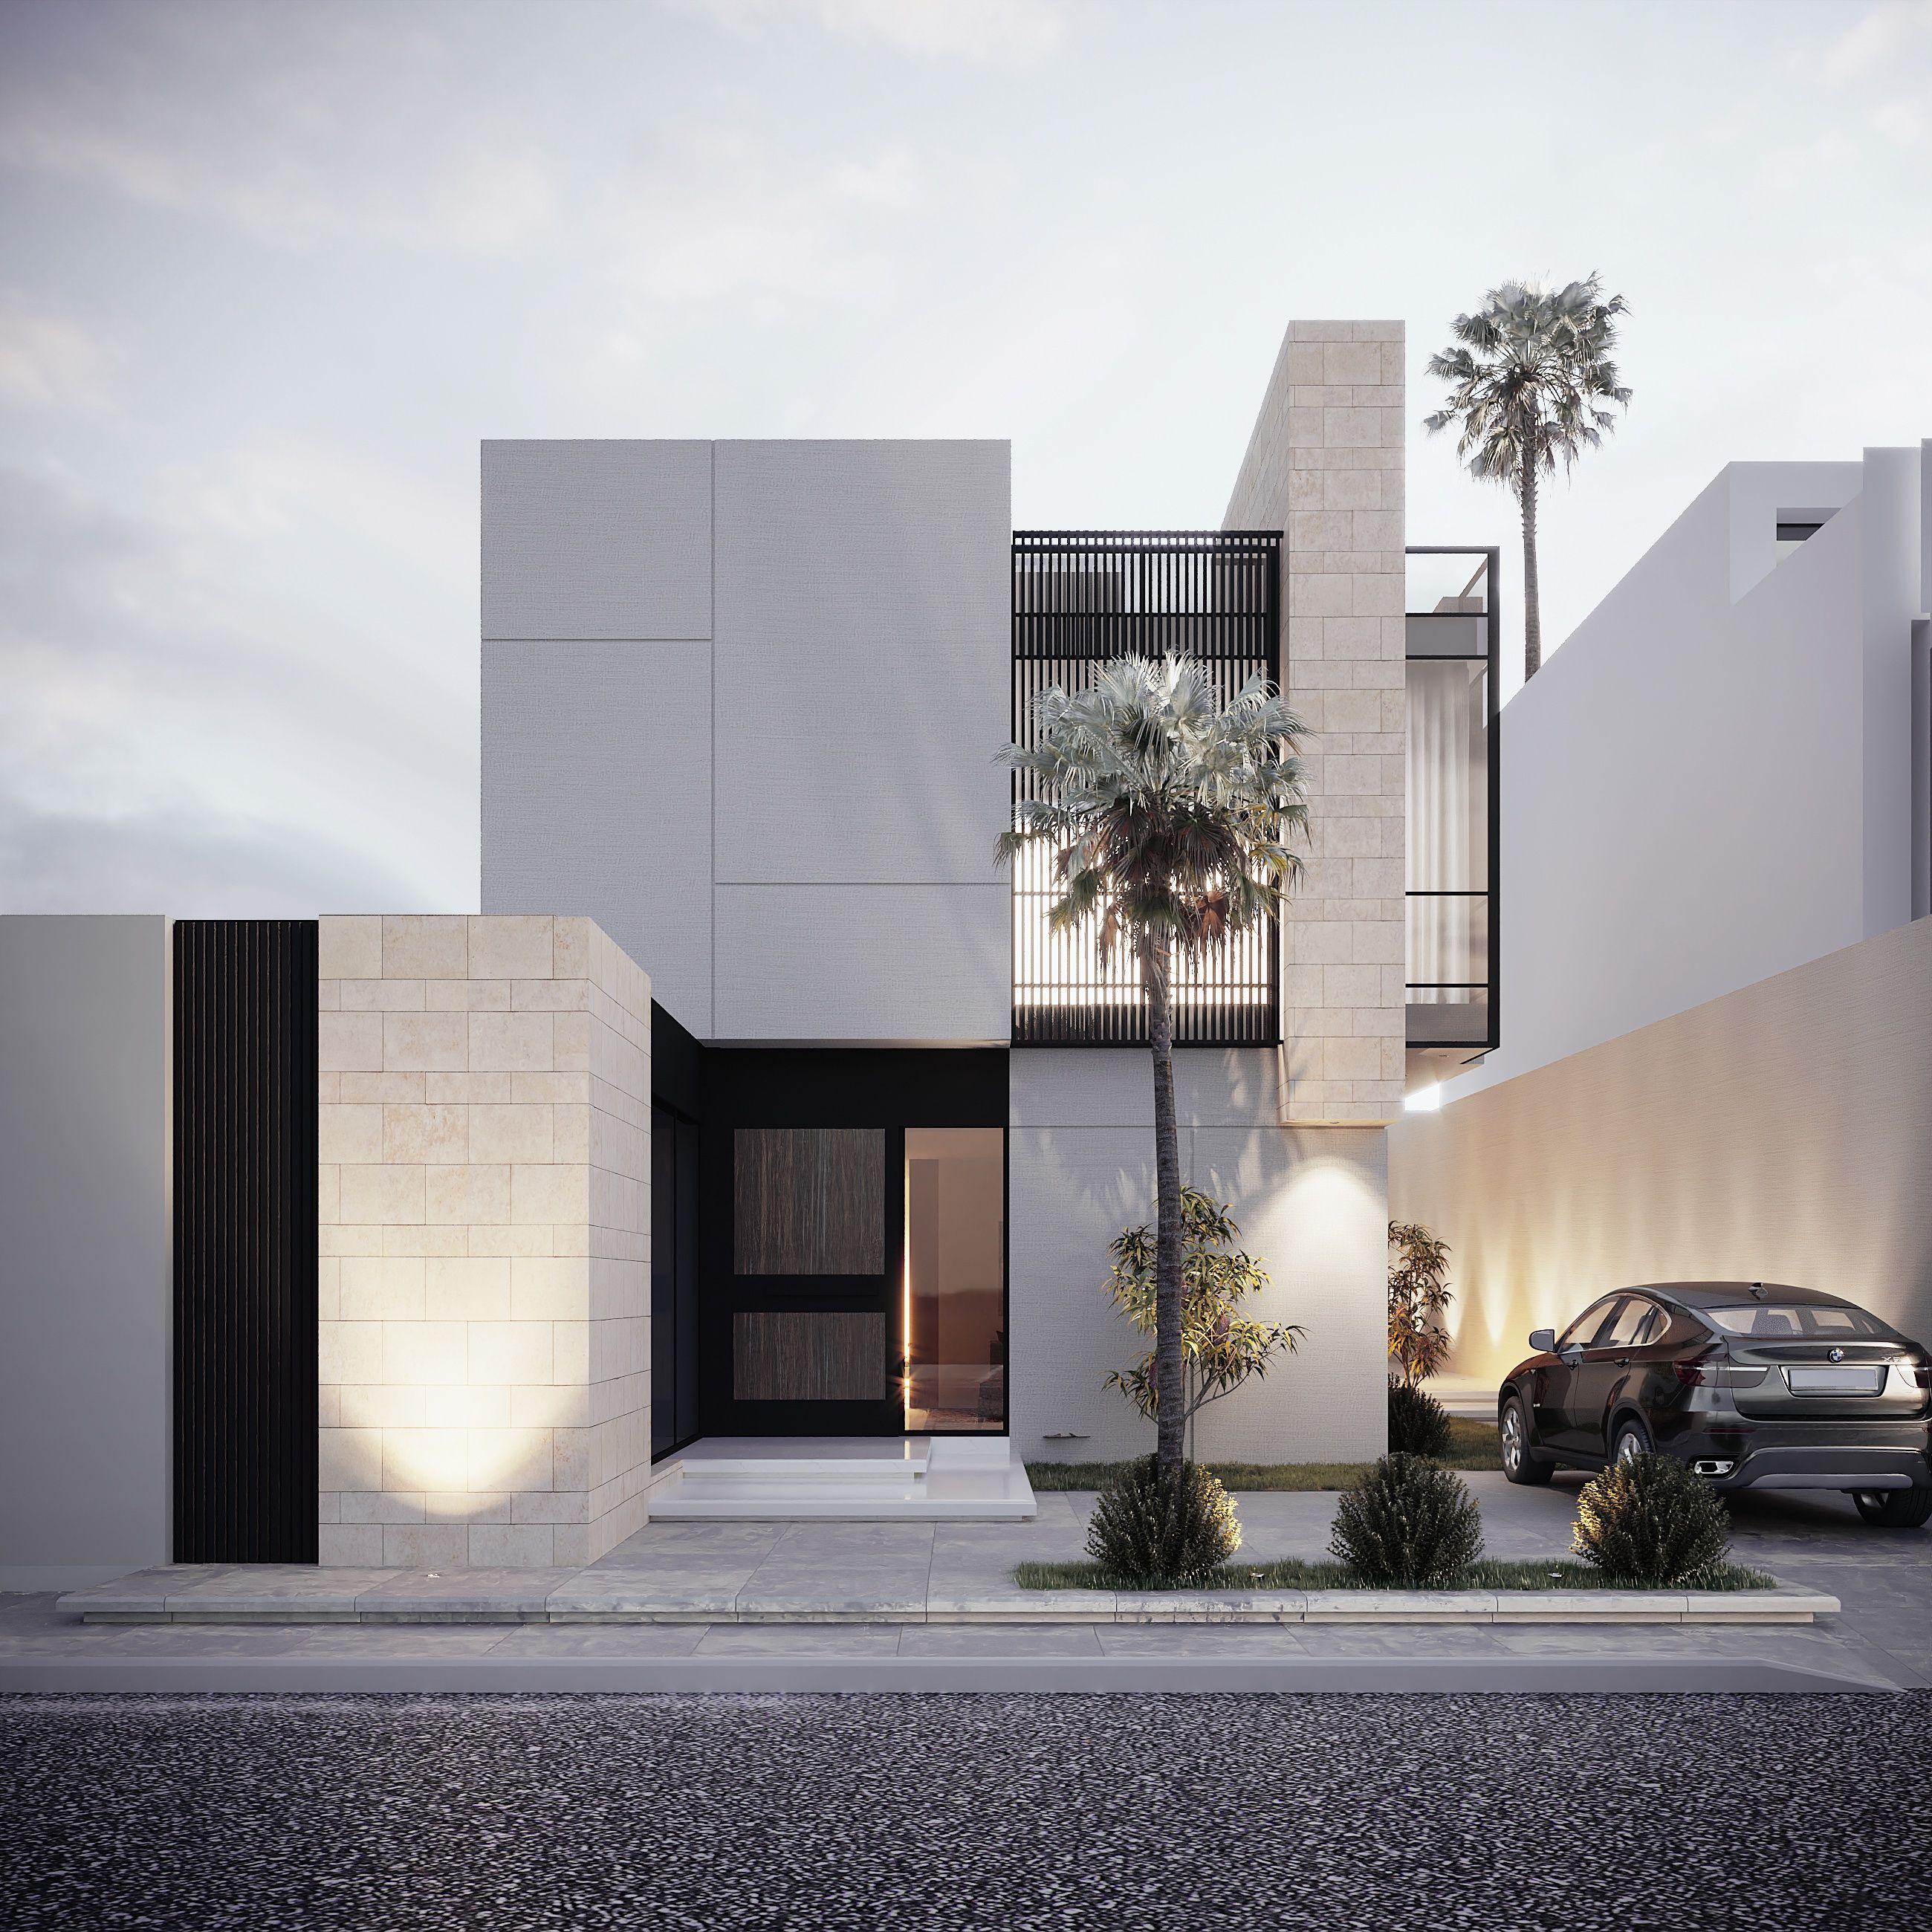 سكني Housing Designs Dream House Exterior House Design Architecture House